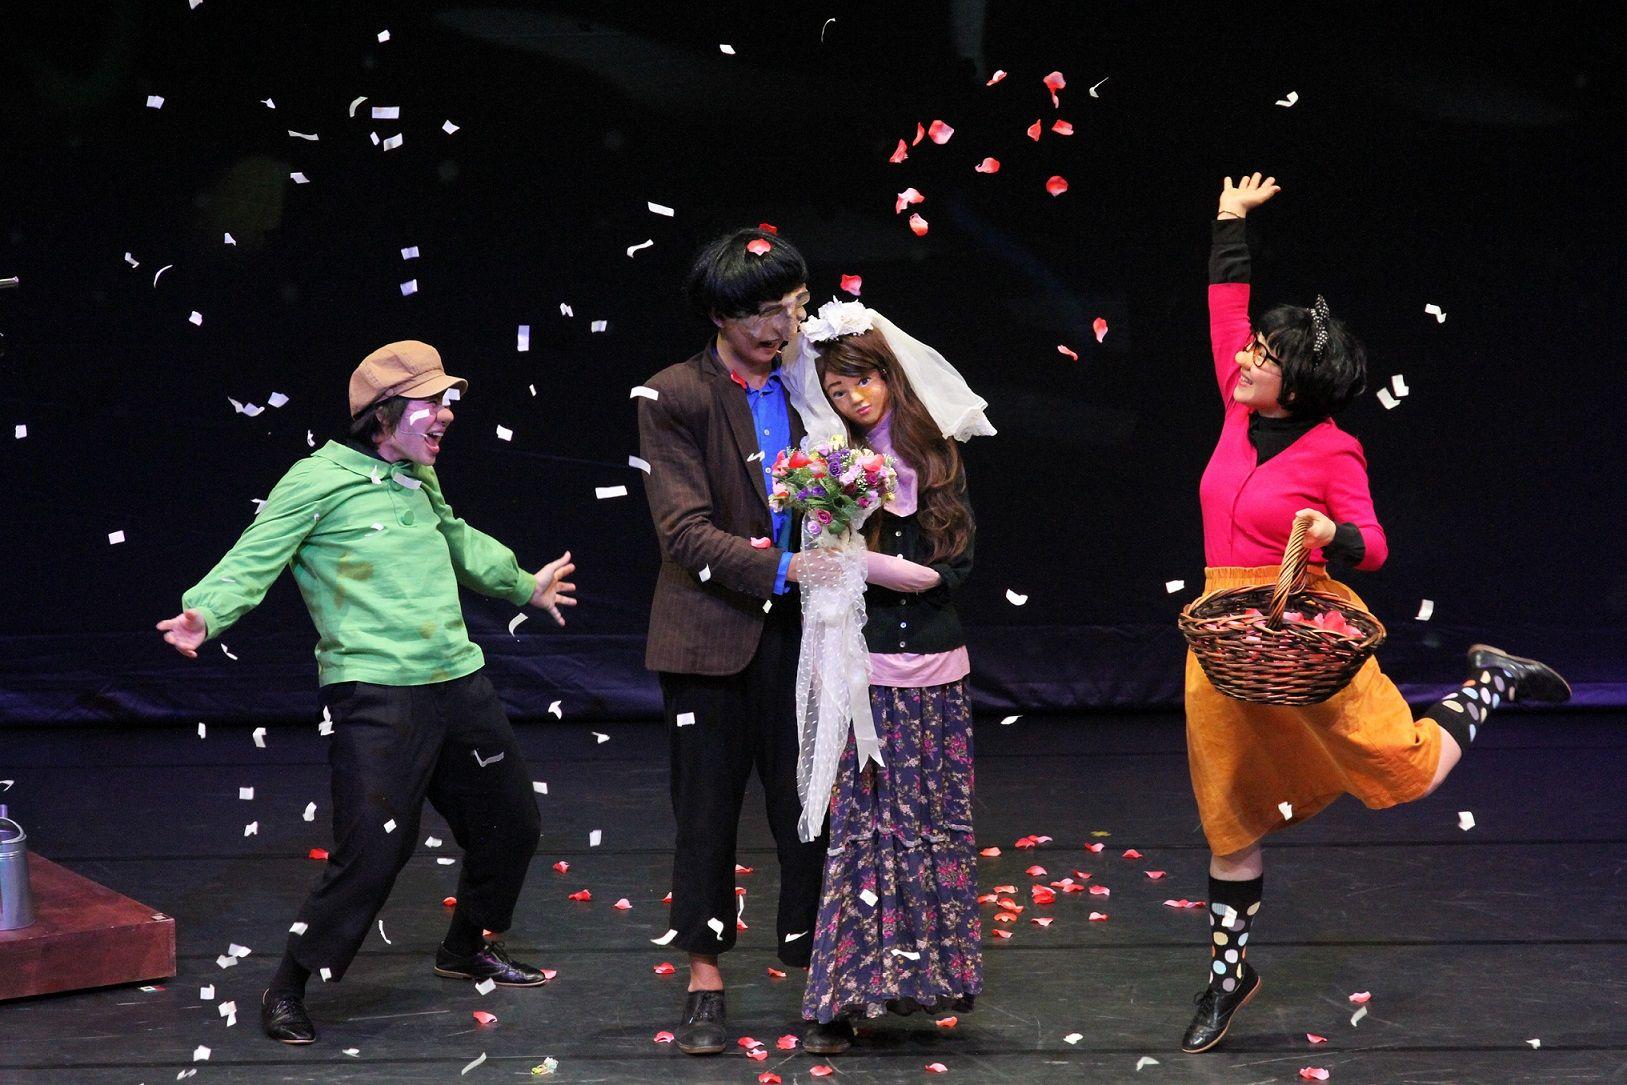 誠品表演廳2020下半年節目揭曉!前國家交響樂團小提琴首席、台灣古典樂壇新秀、人氣獨立樂團⋯⋯等團體連番登場